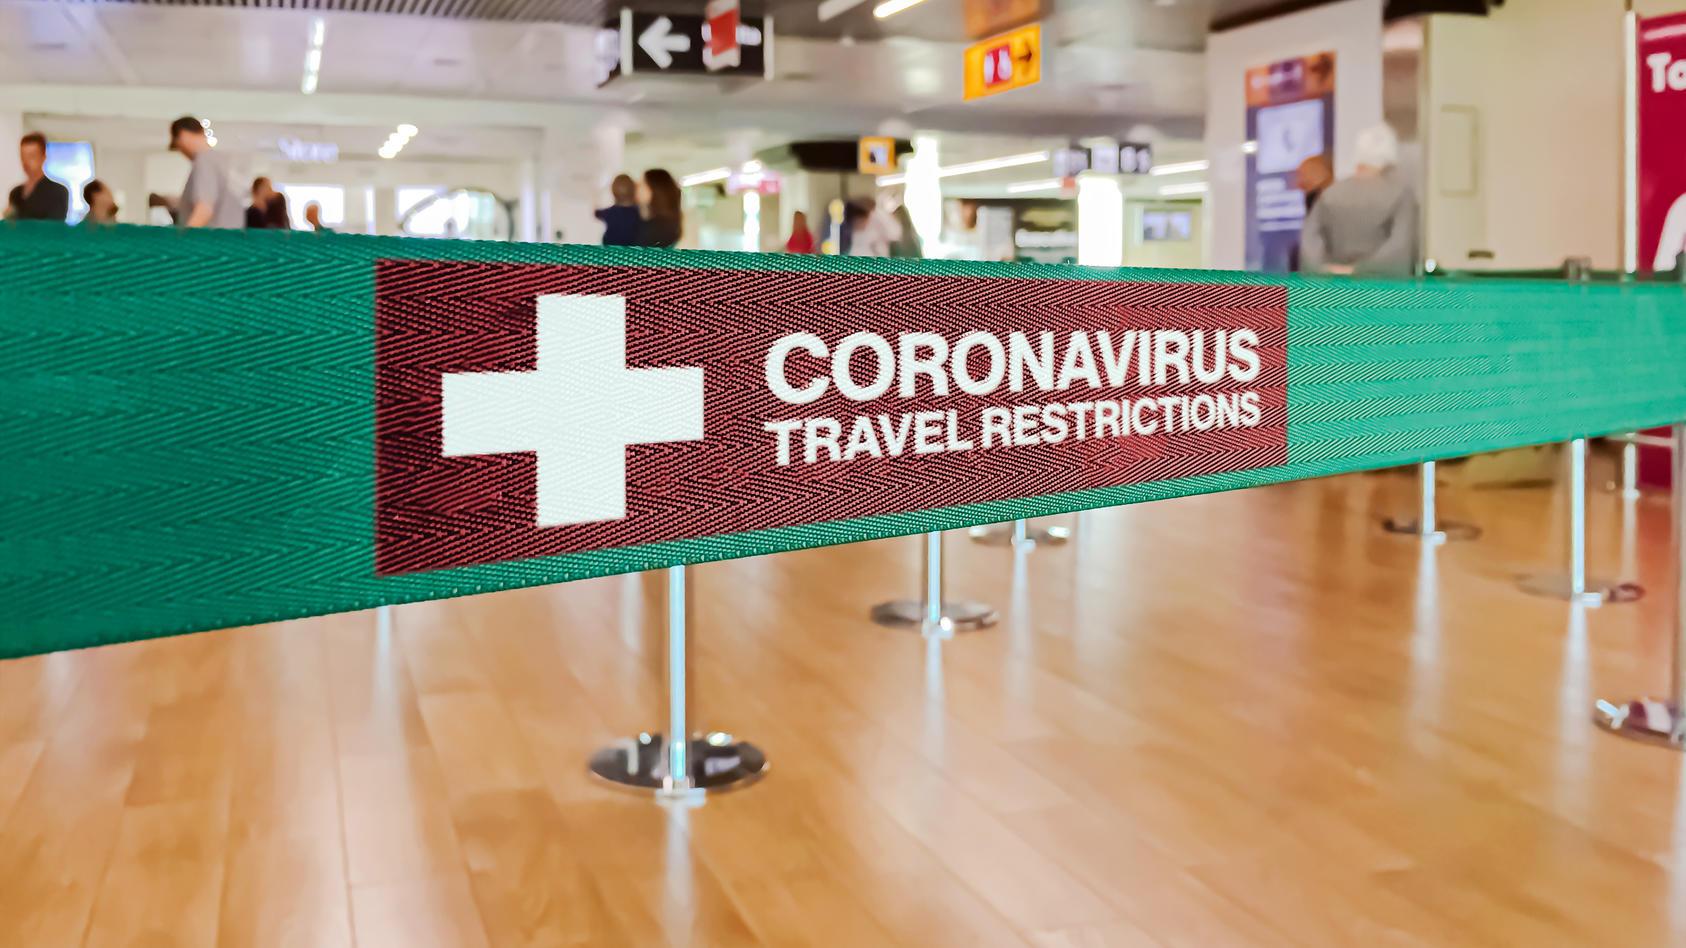 Je früher Länder Reisebeschränkungen einführten, desto niedriger war dort die Covid-19-Sterberate.